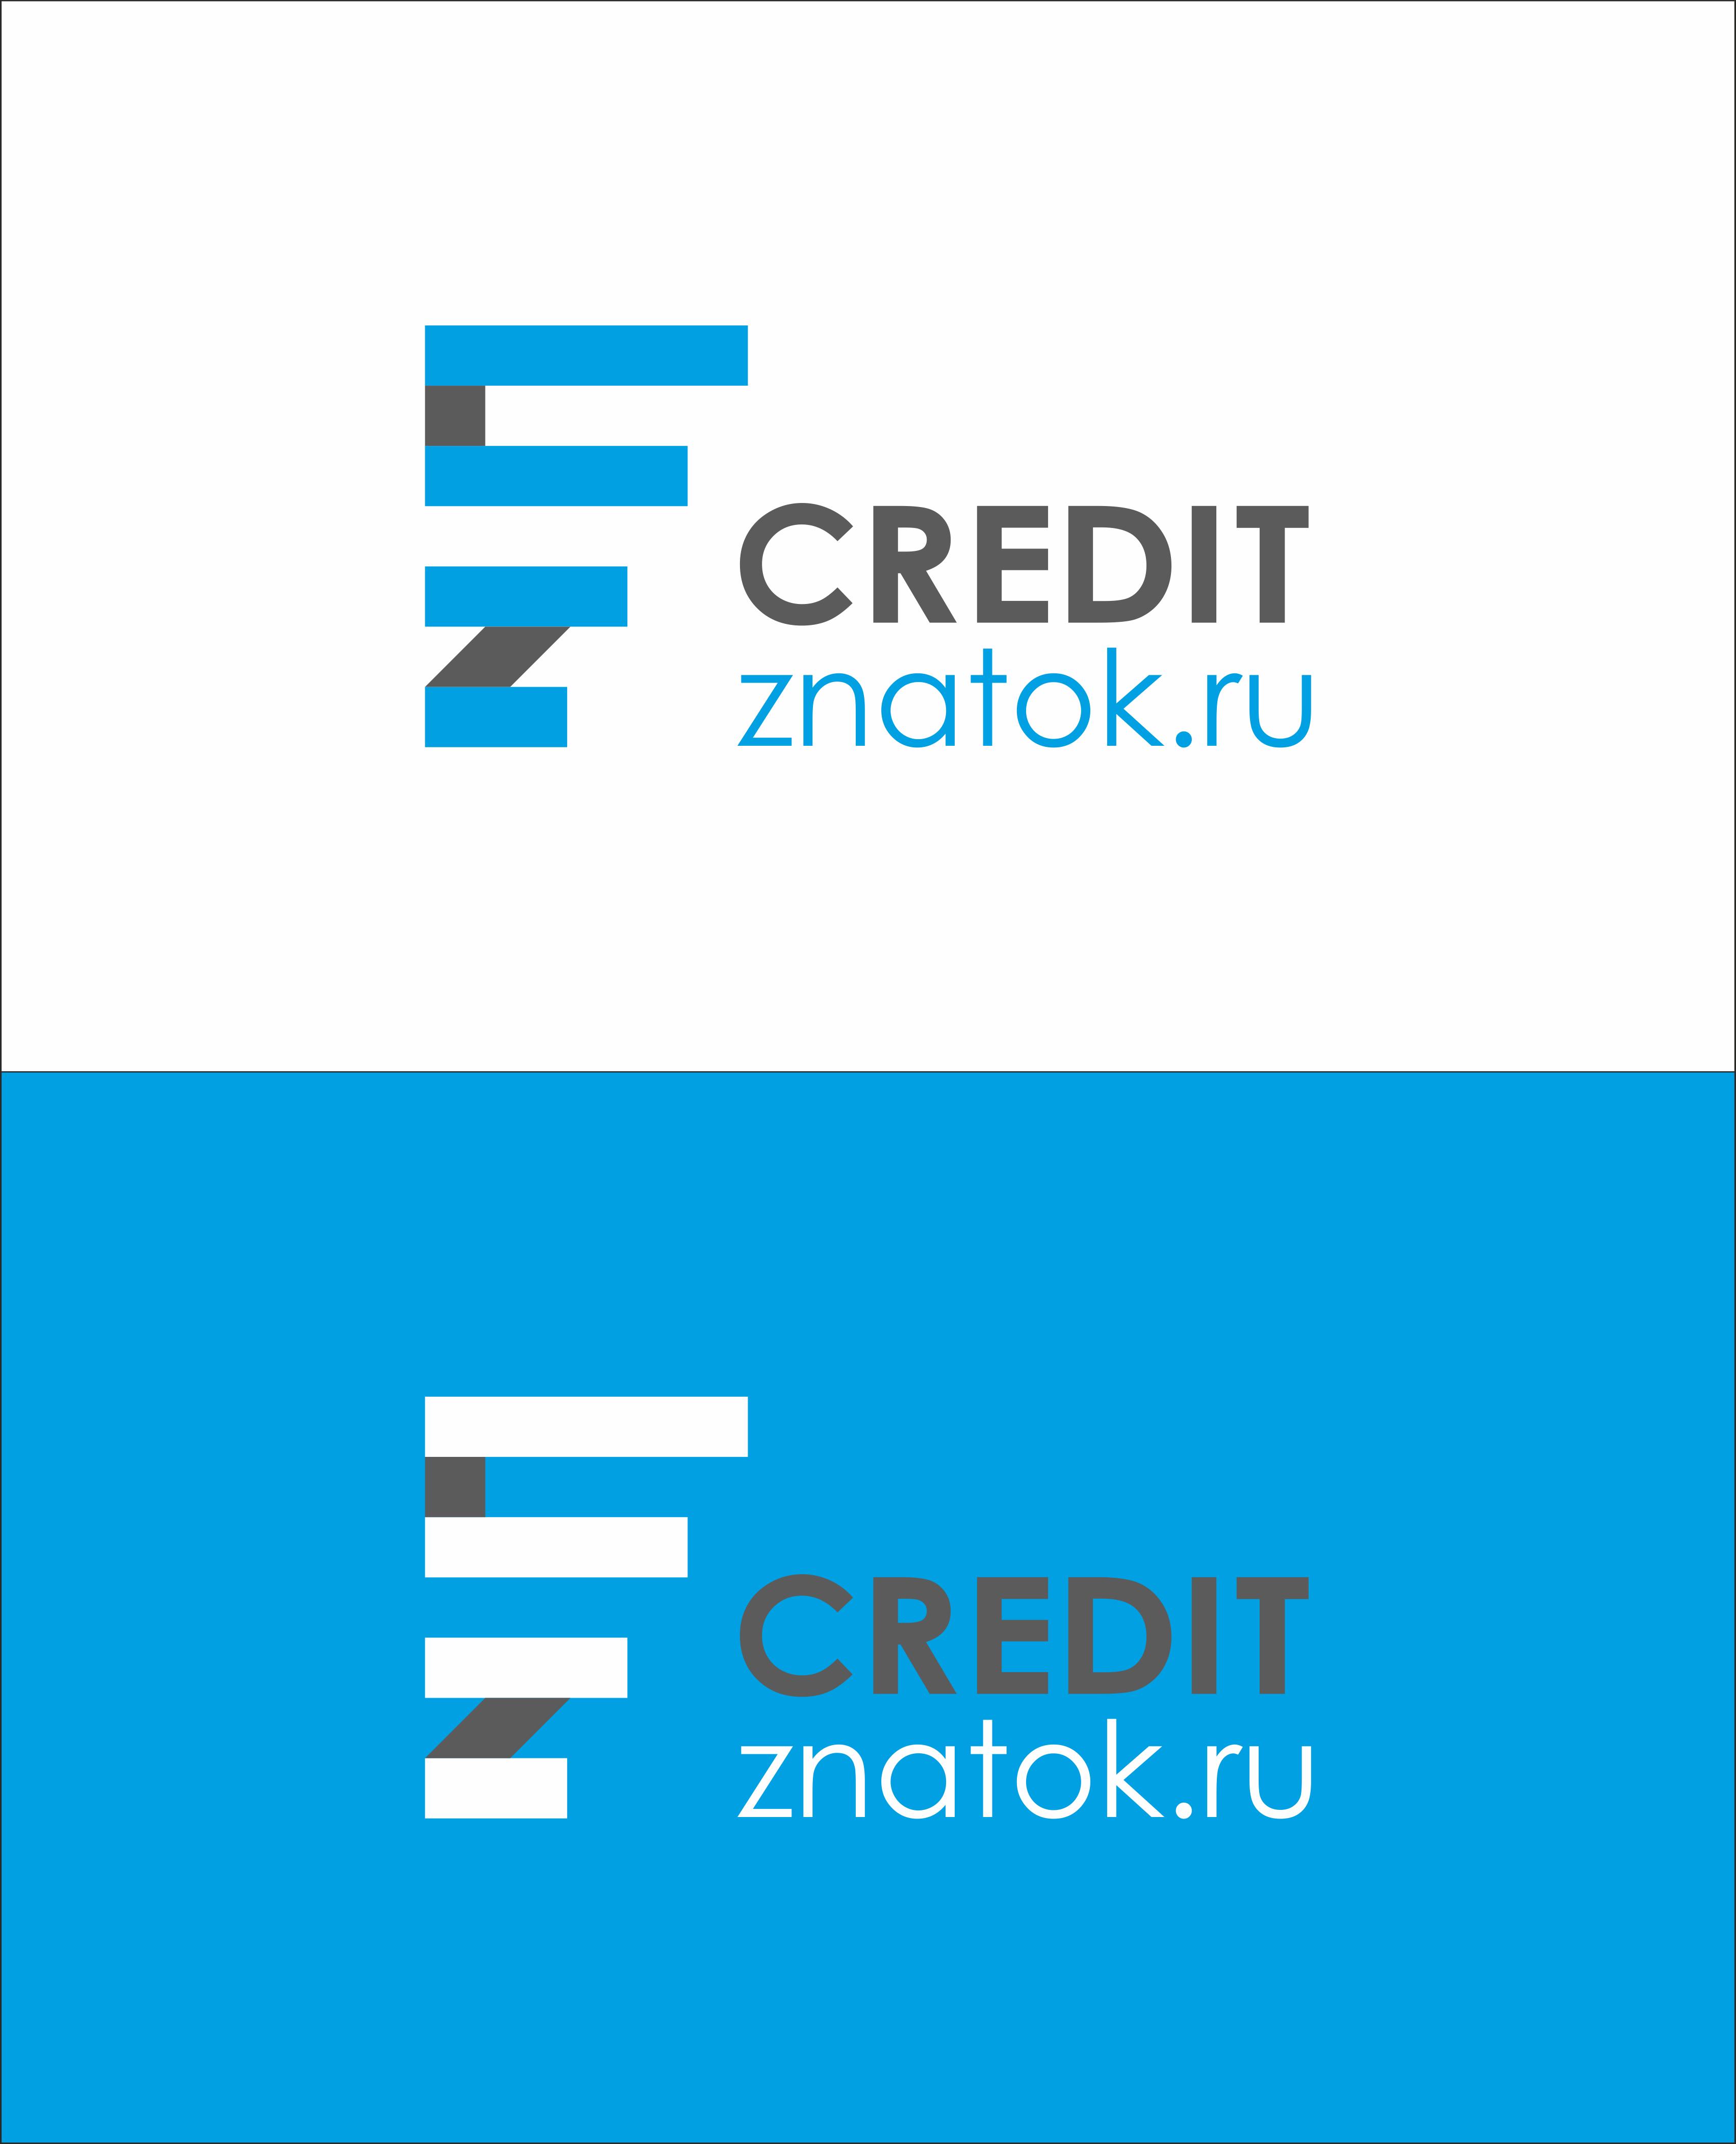 creditznatok.ru - логотип фото f_926589aa5173b4e7.png